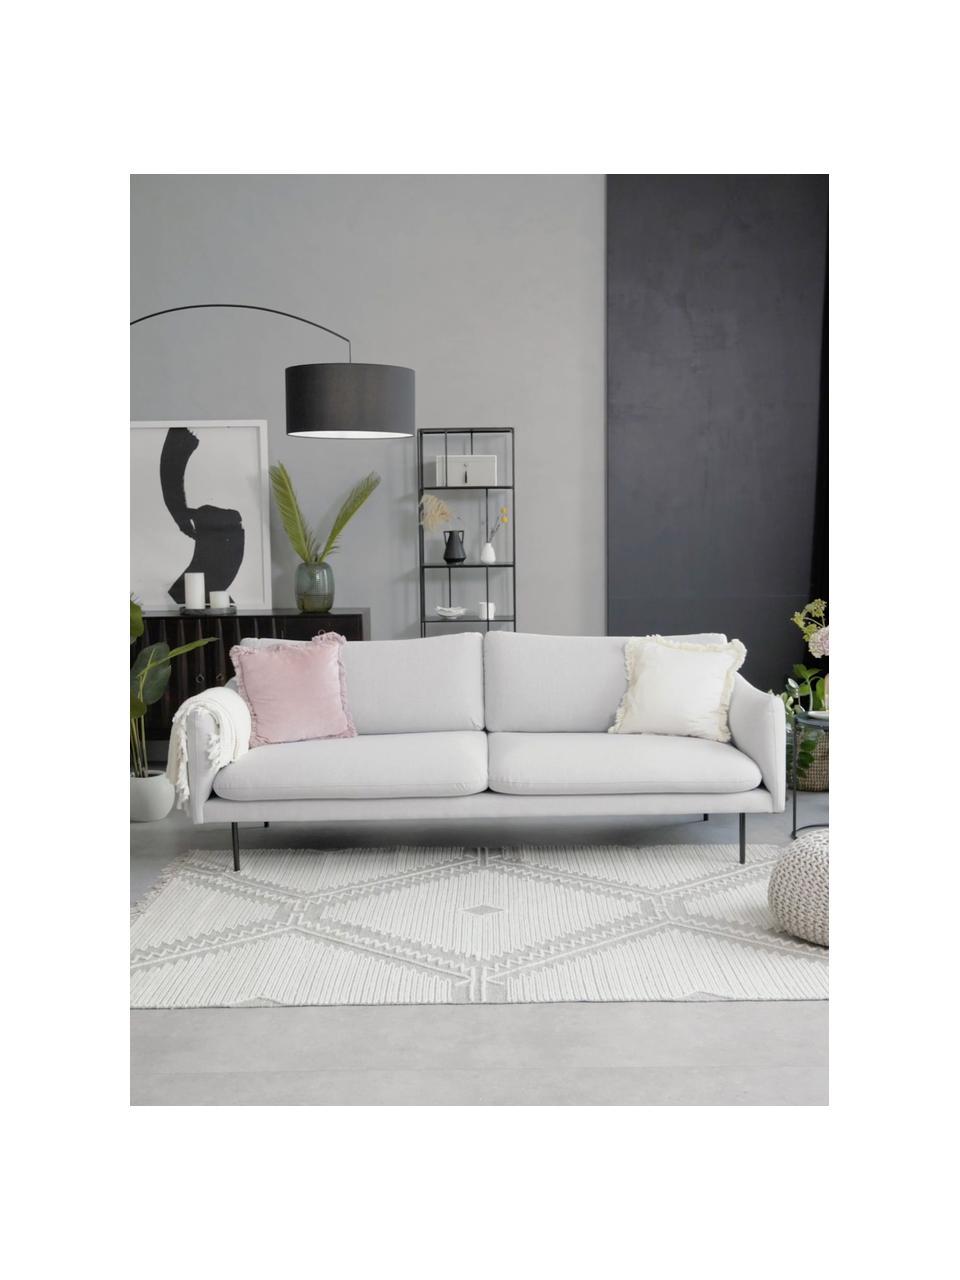 Bank Moby (3-zits) in lichtgrijs met metalen poten, Bekleding: polyester, Frame: massief grenenhout, Poten: gepoedercoat metaal, Lichtgrijs, B 220 x D 95 cm